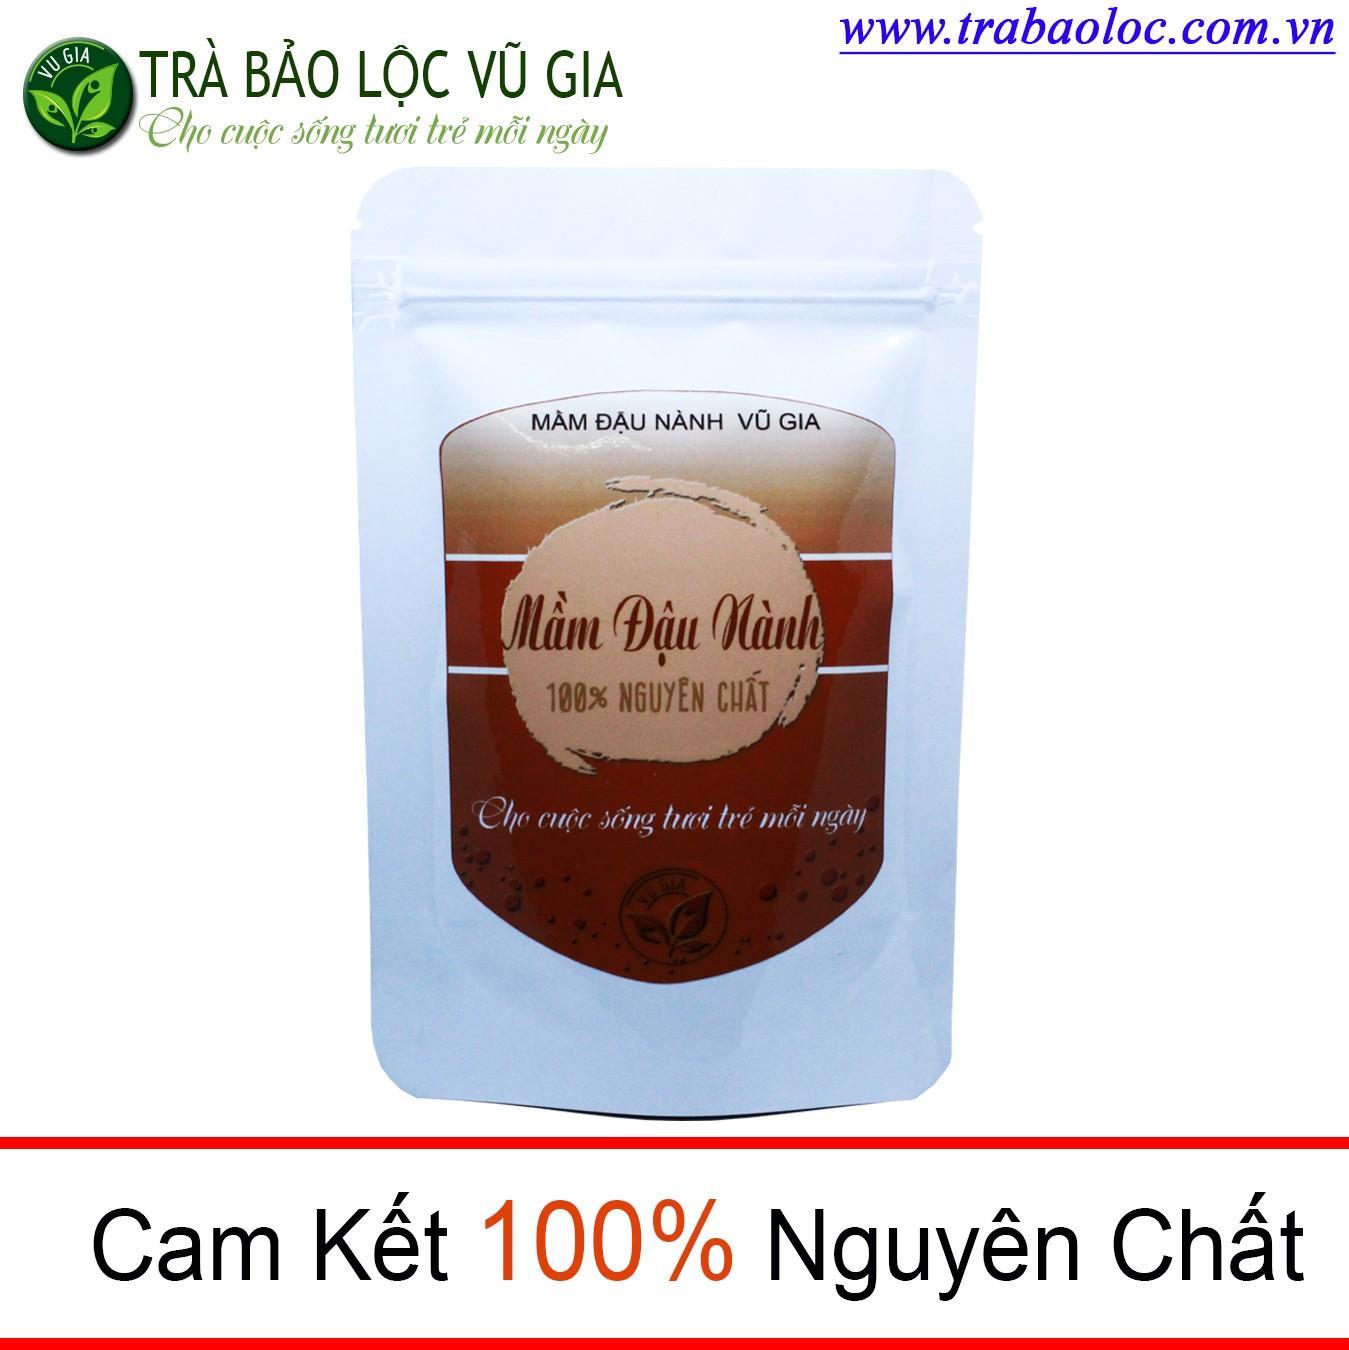 Mầm Đậu Nành Nguyên Chất 100g ( dạng túi)  Nguyên Chất Vũ Gia - Chăm sóc hệ tiêu hóa